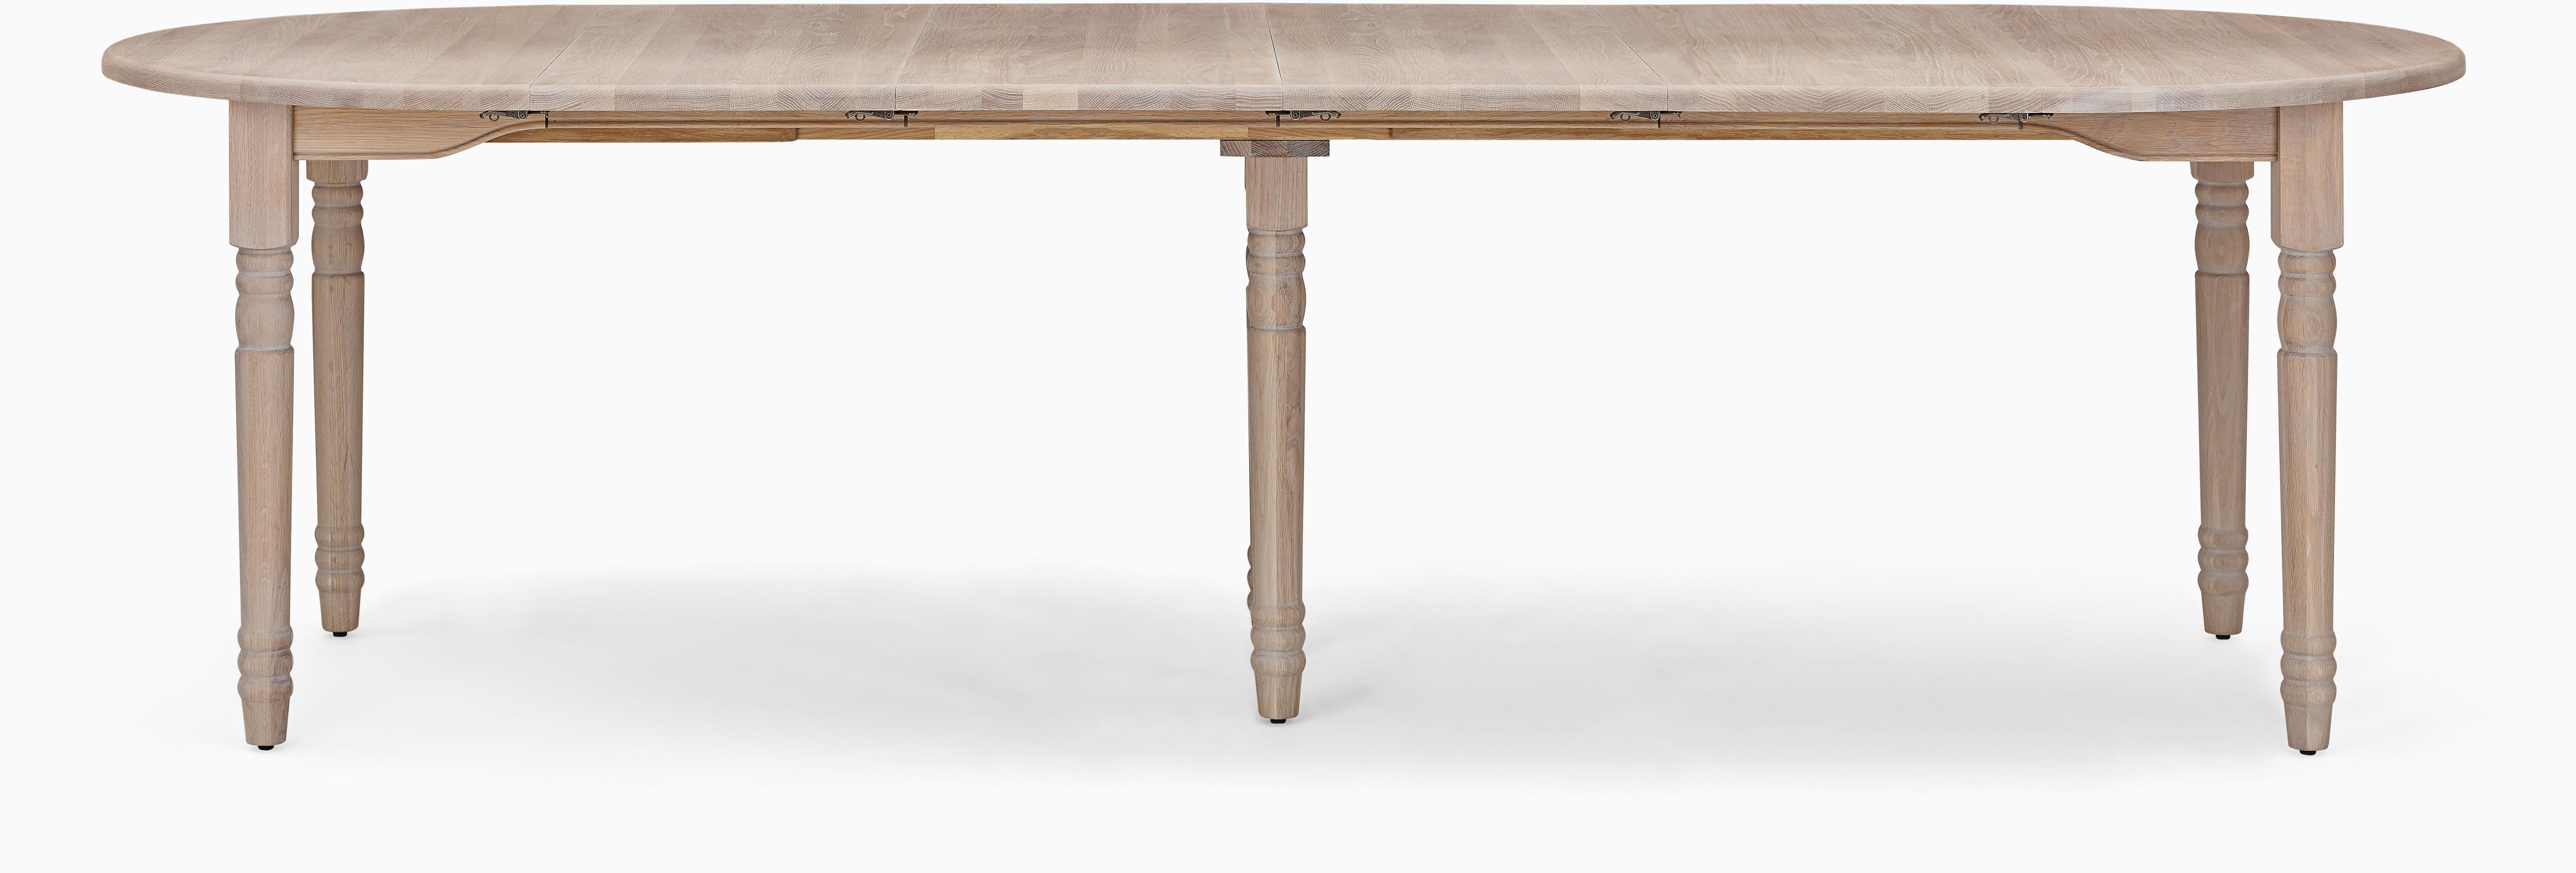 Sheldrake Extending Dining Table